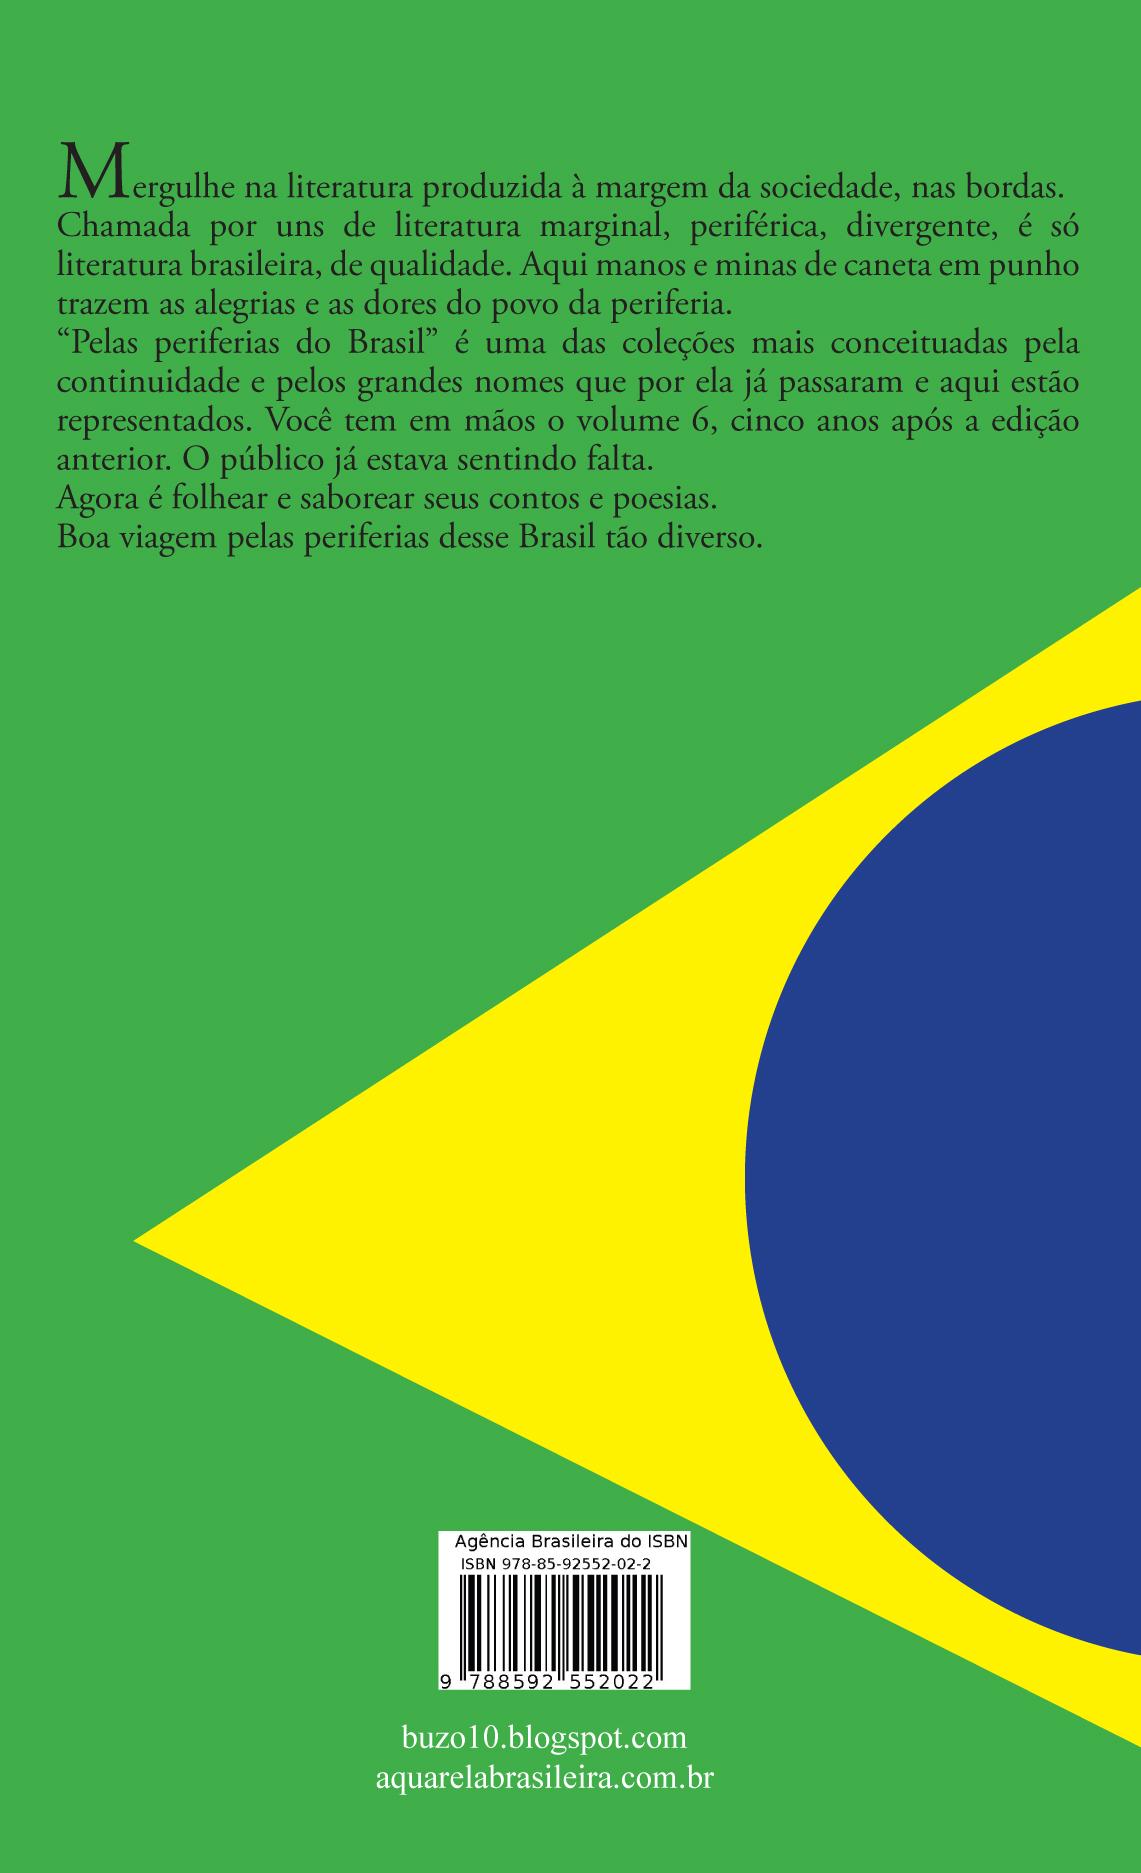 pelas-periferias-do-brasil-vol-6_quarta_capa-promo